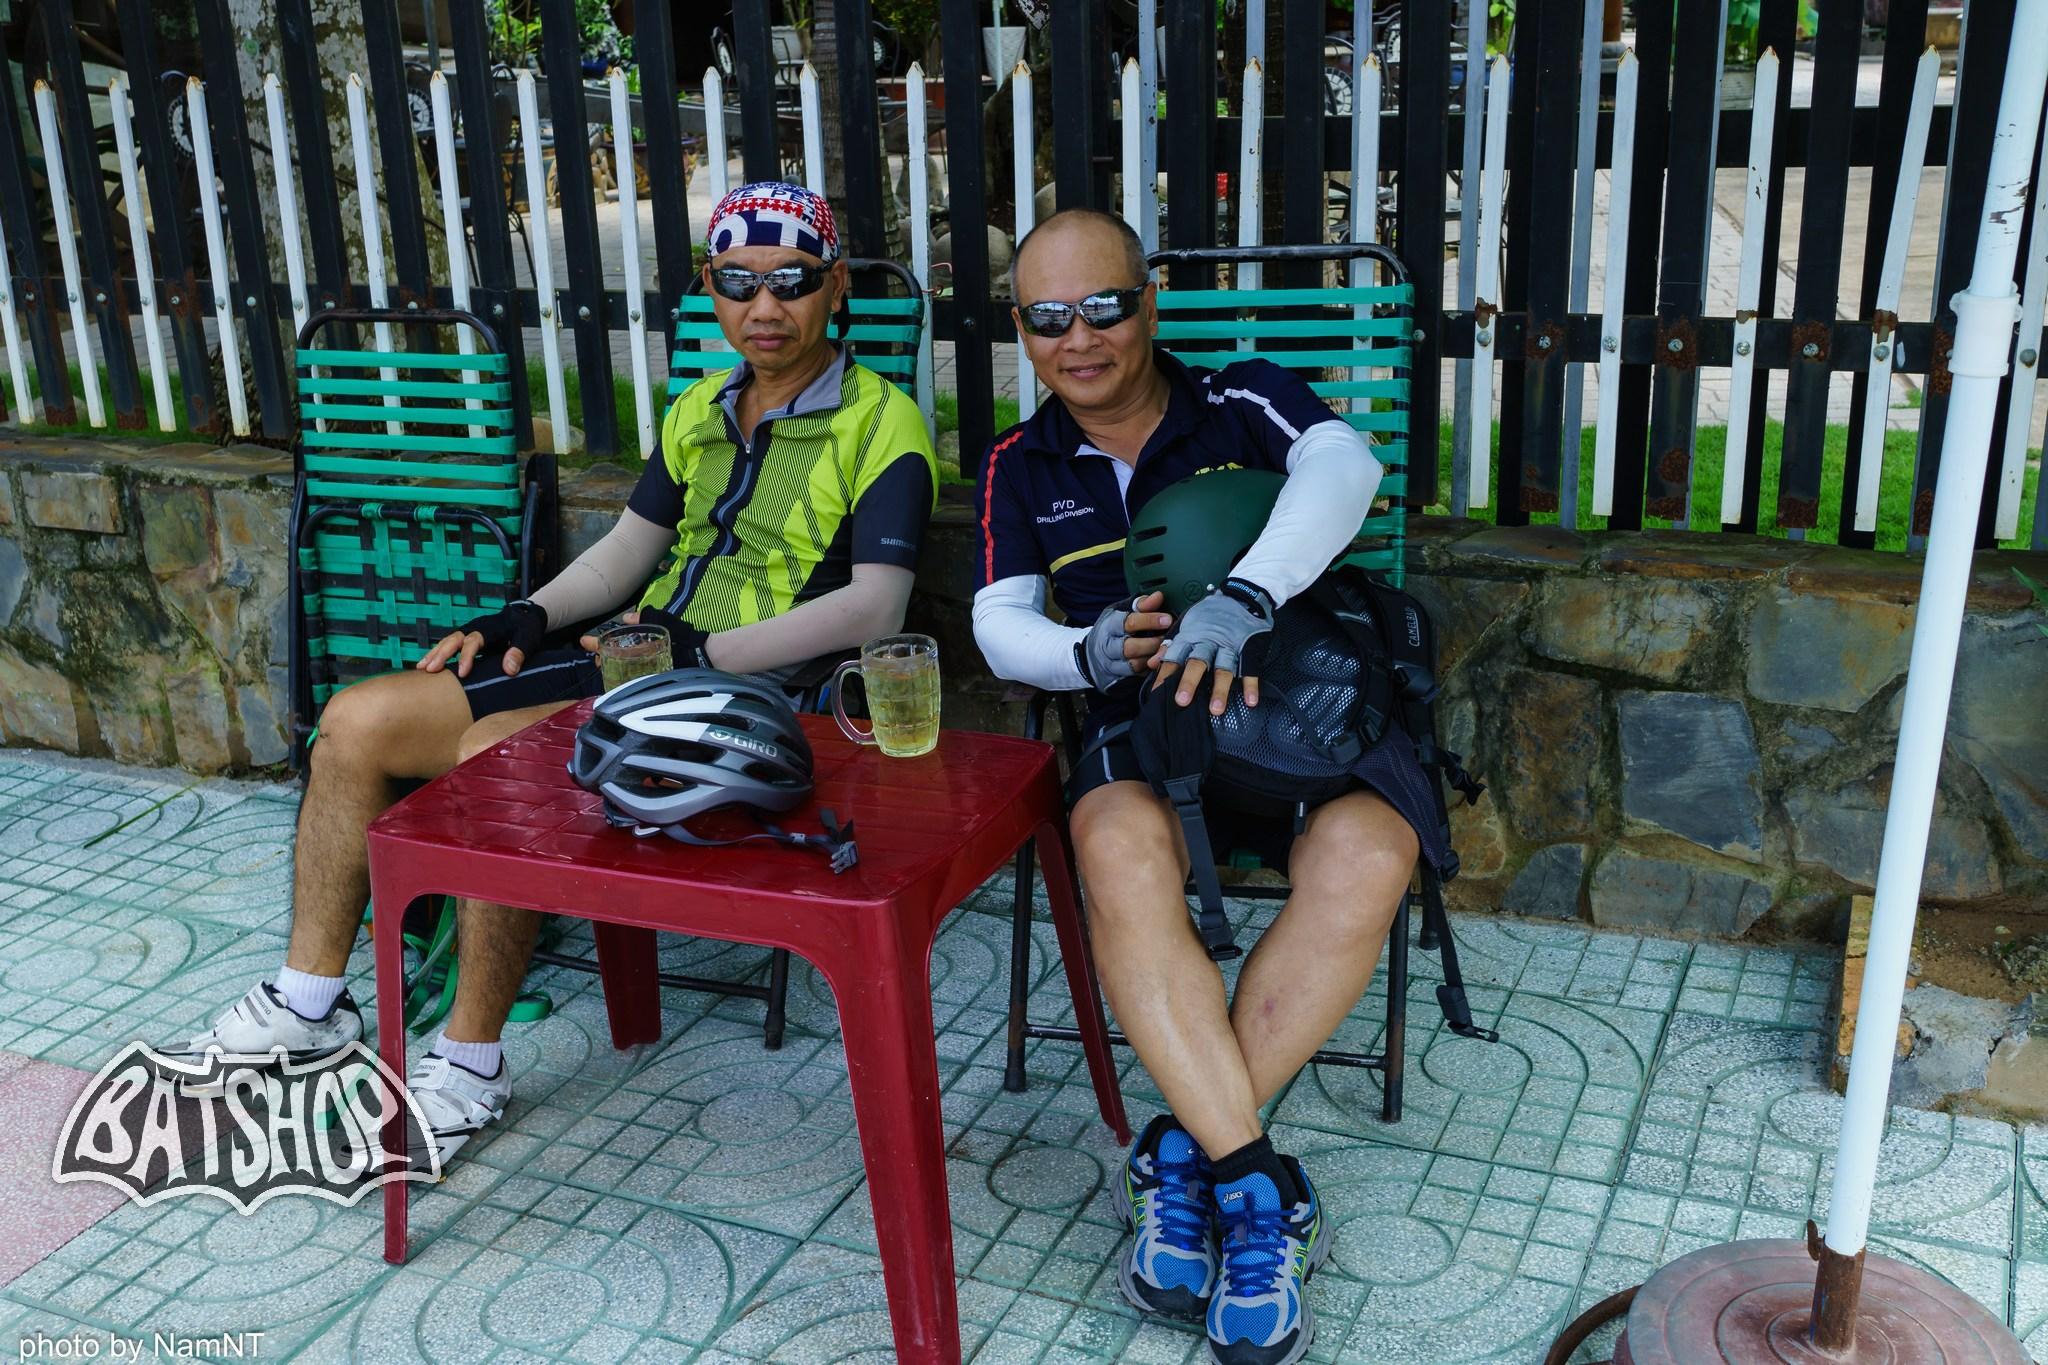 20638051382 d4cbe387a4 k - Hồ Cần Nôm-Dầu Tiếng chuyến đạp xe, băng rừng, leo núi, tắm hồ, mần gà